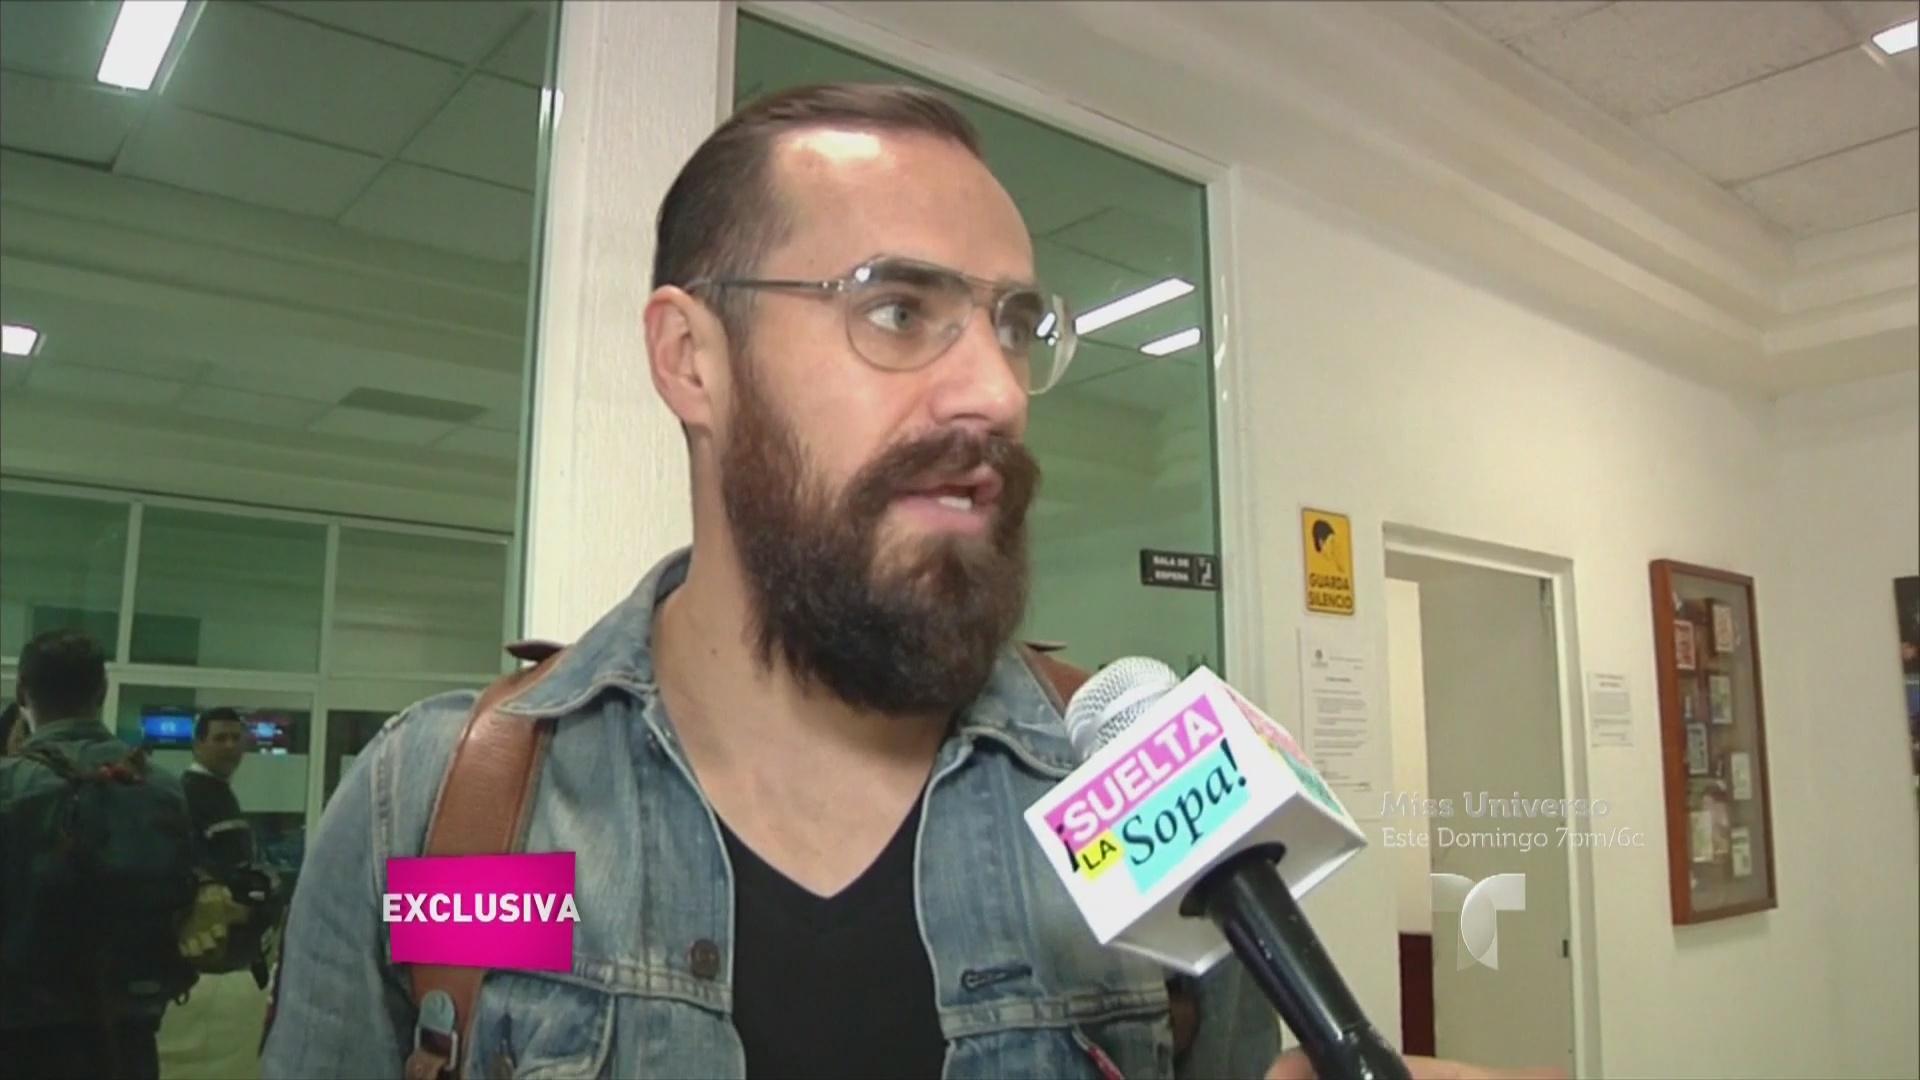 Jorge Poza Y Mayrin Villanueva | newhairstylesformen2014.com